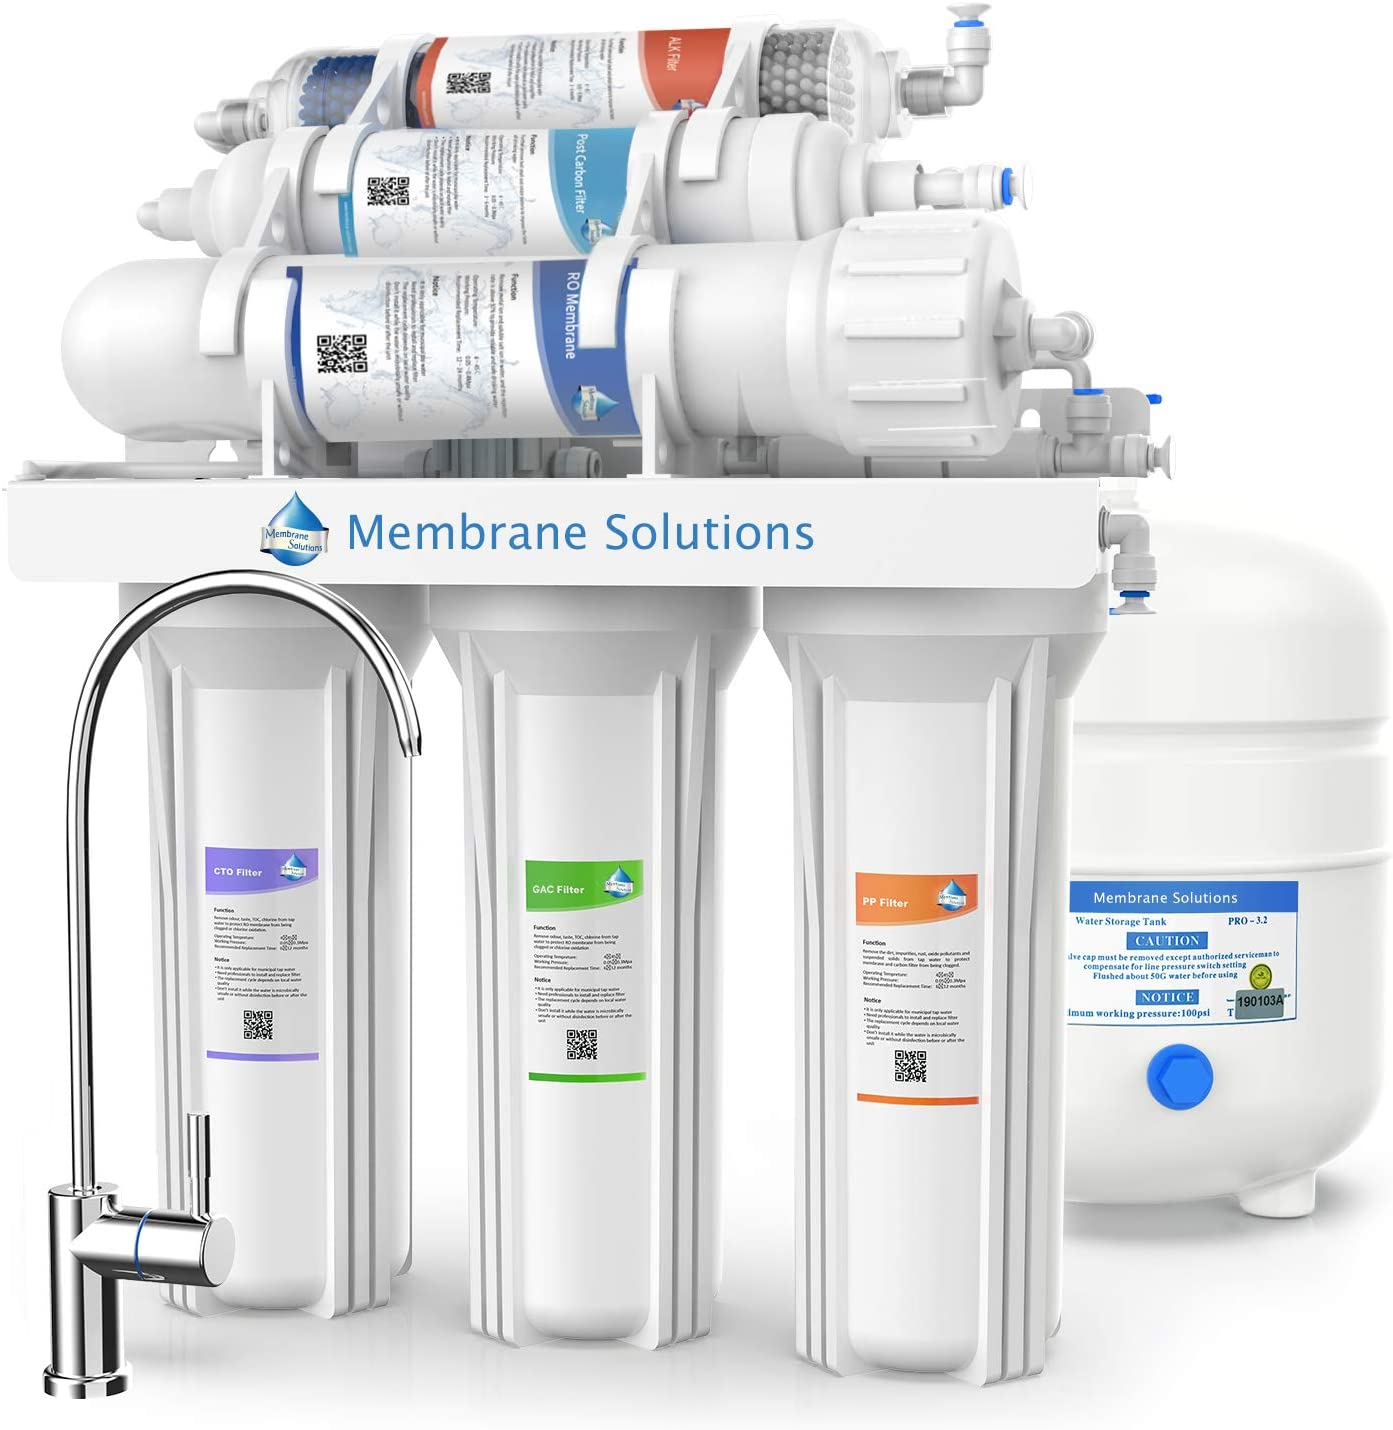 Sistema de filtro de agua alcalino de 6 etapas para remover el fregadero, con sistema de ósmosis inversa, purificador de agua potable de alta capacidad con tanque y ...